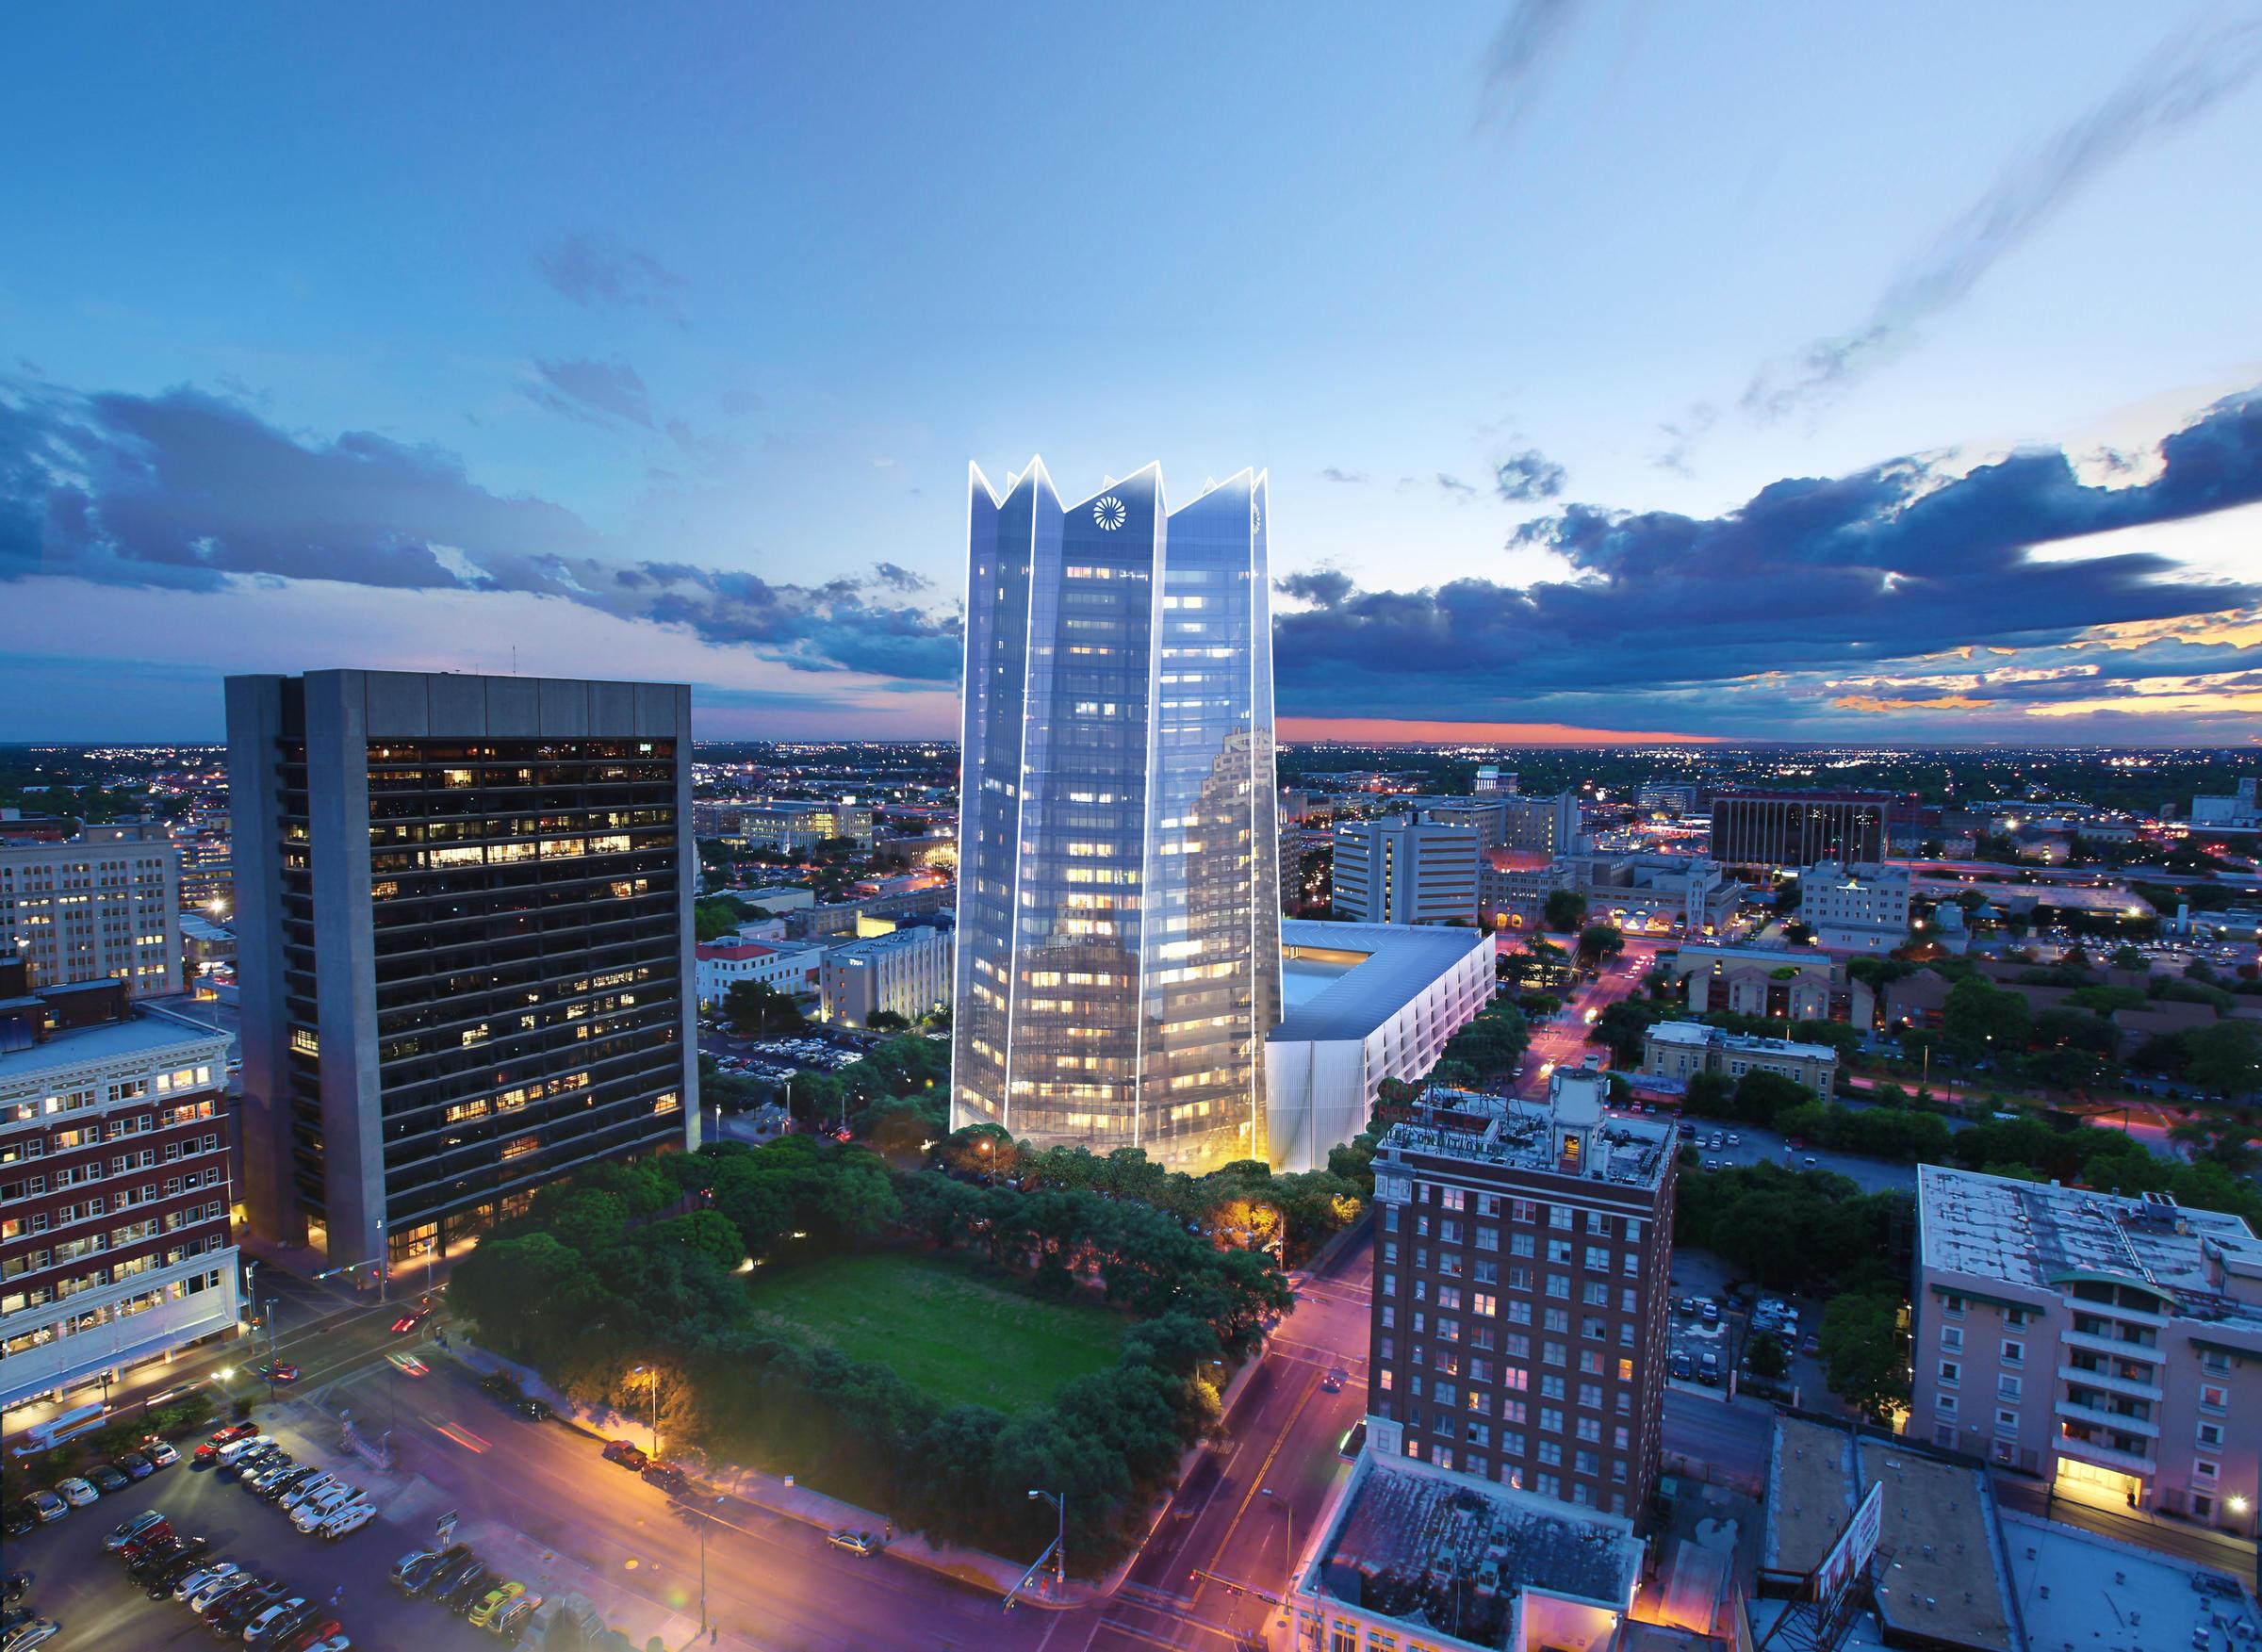 San Antonio - The Skyscraper Center